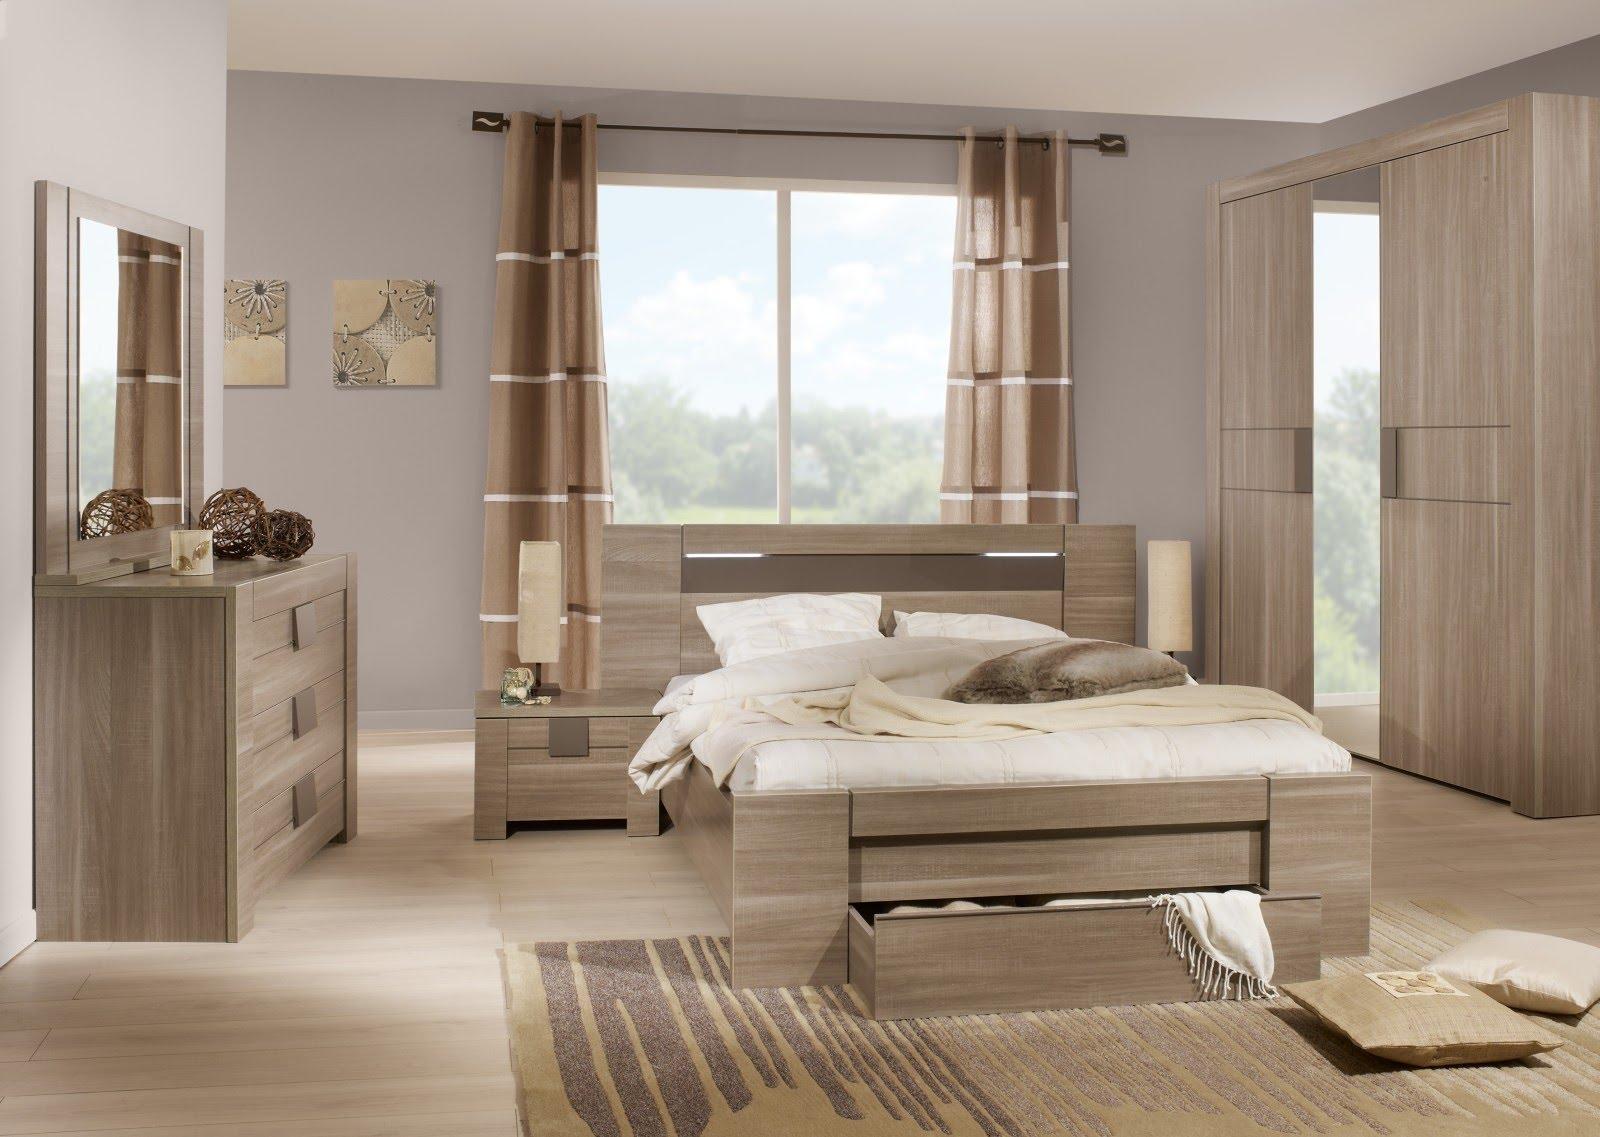 Спальный гарнитур в светлом оттенке